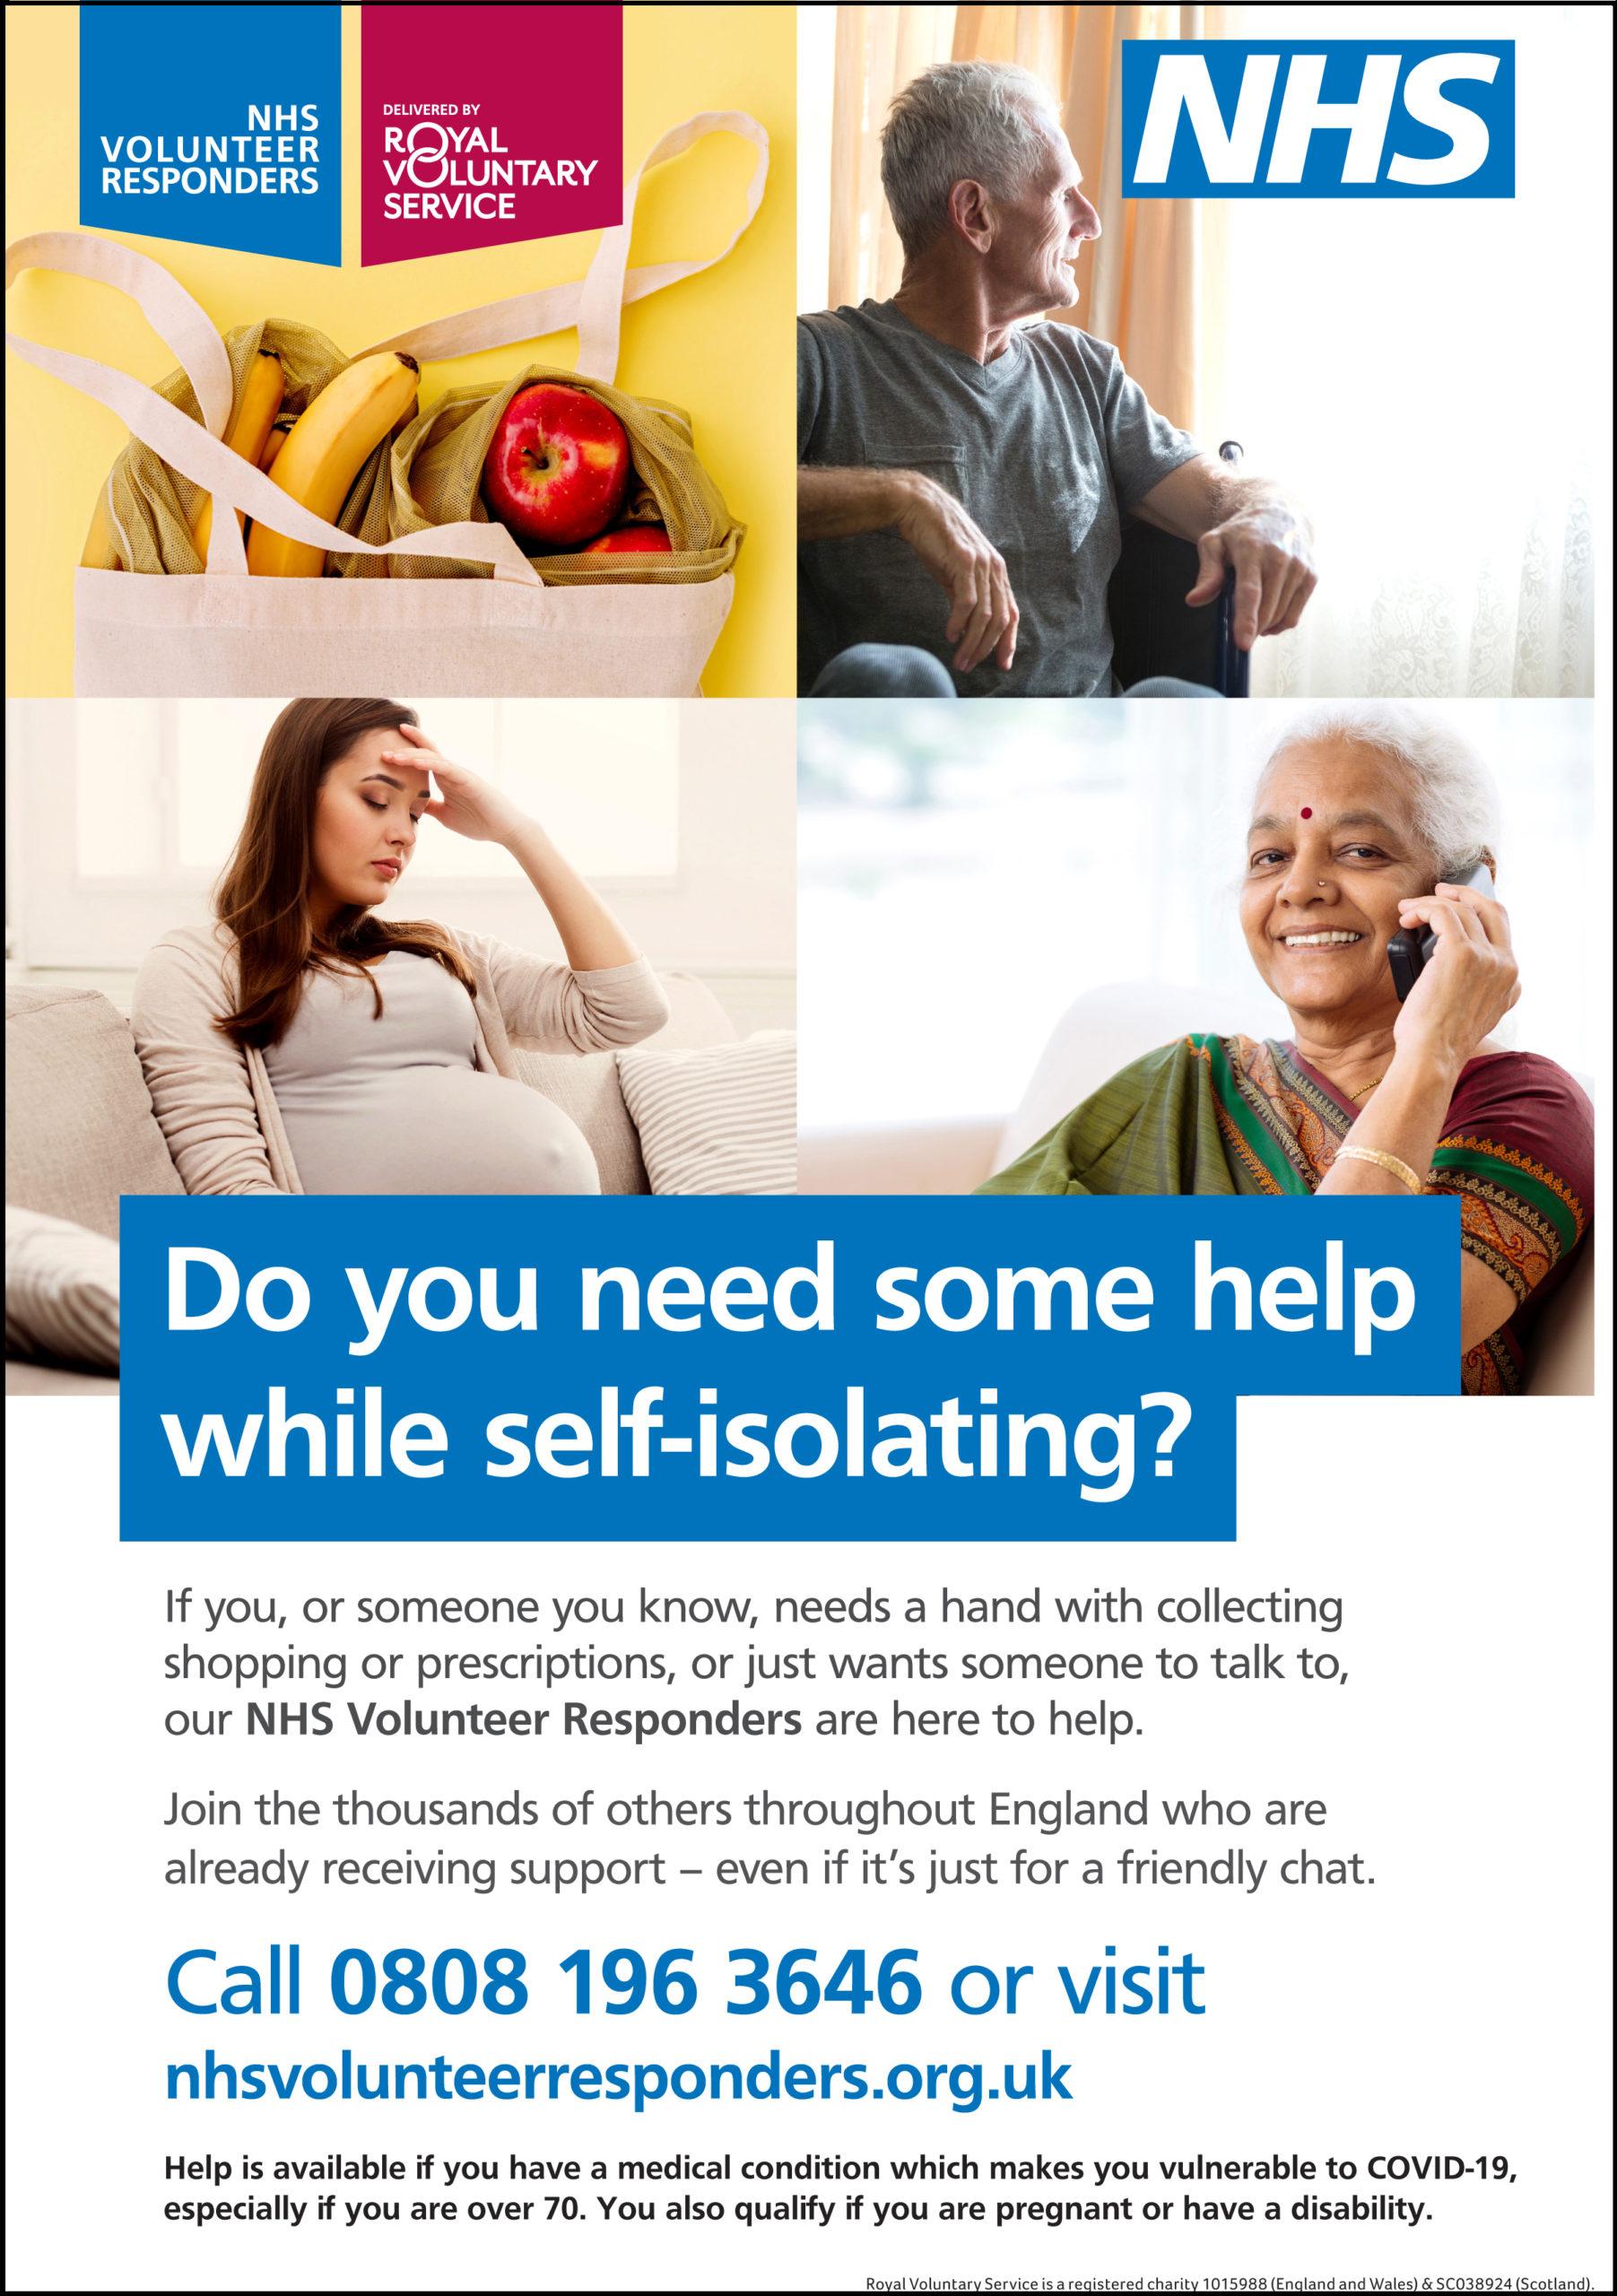 NHS Volunteer Responder